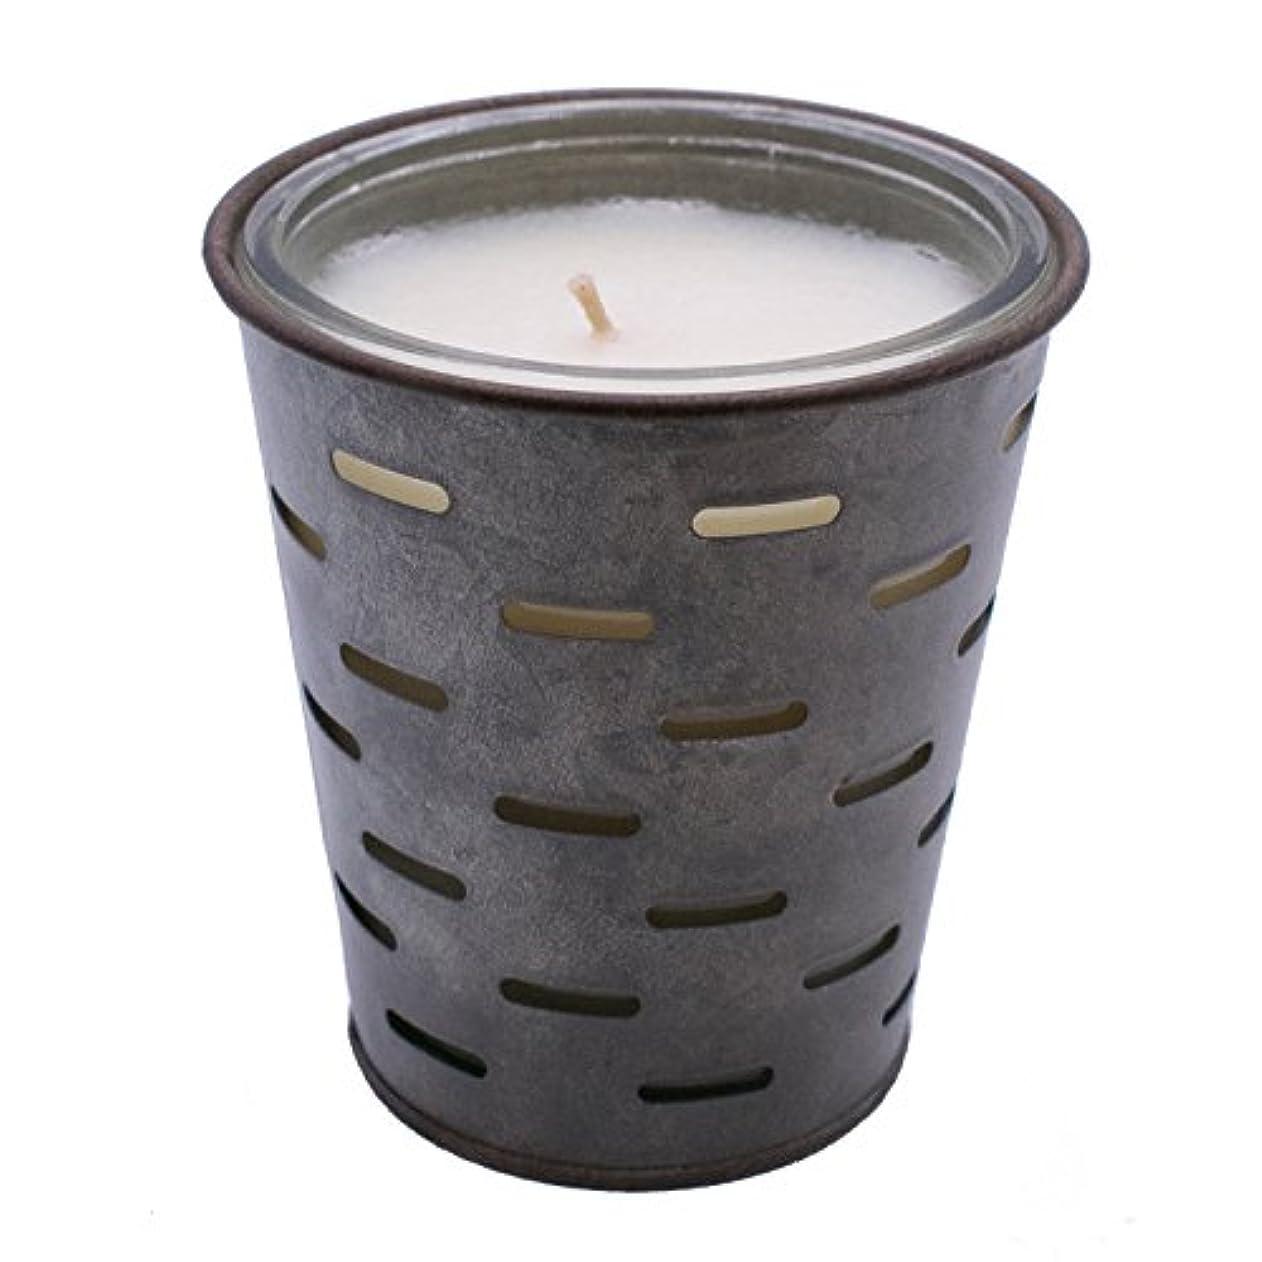 拘束する言うまでもなく執着Sweetオリーブ、オリーブバケットFragrance Candle優れ、香り、ガラスJar in Tin Pot亜鉛メッキ、13oz